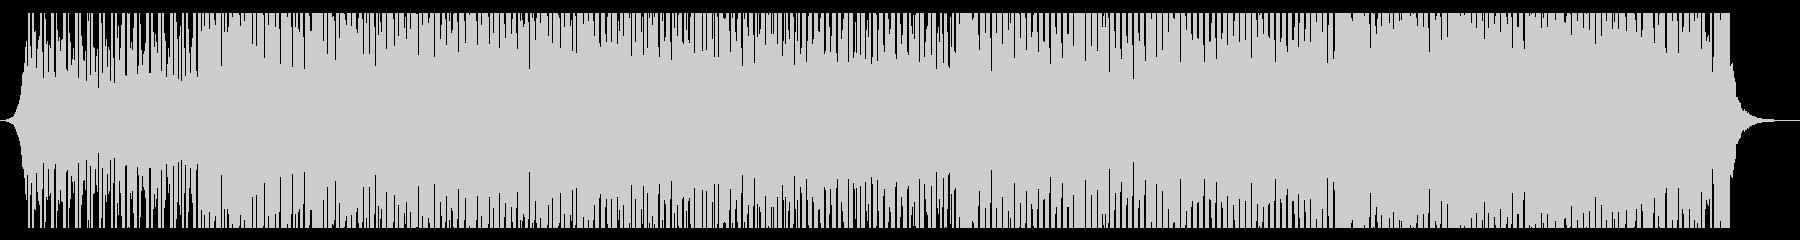 トロピカルビーチの未再生の波形